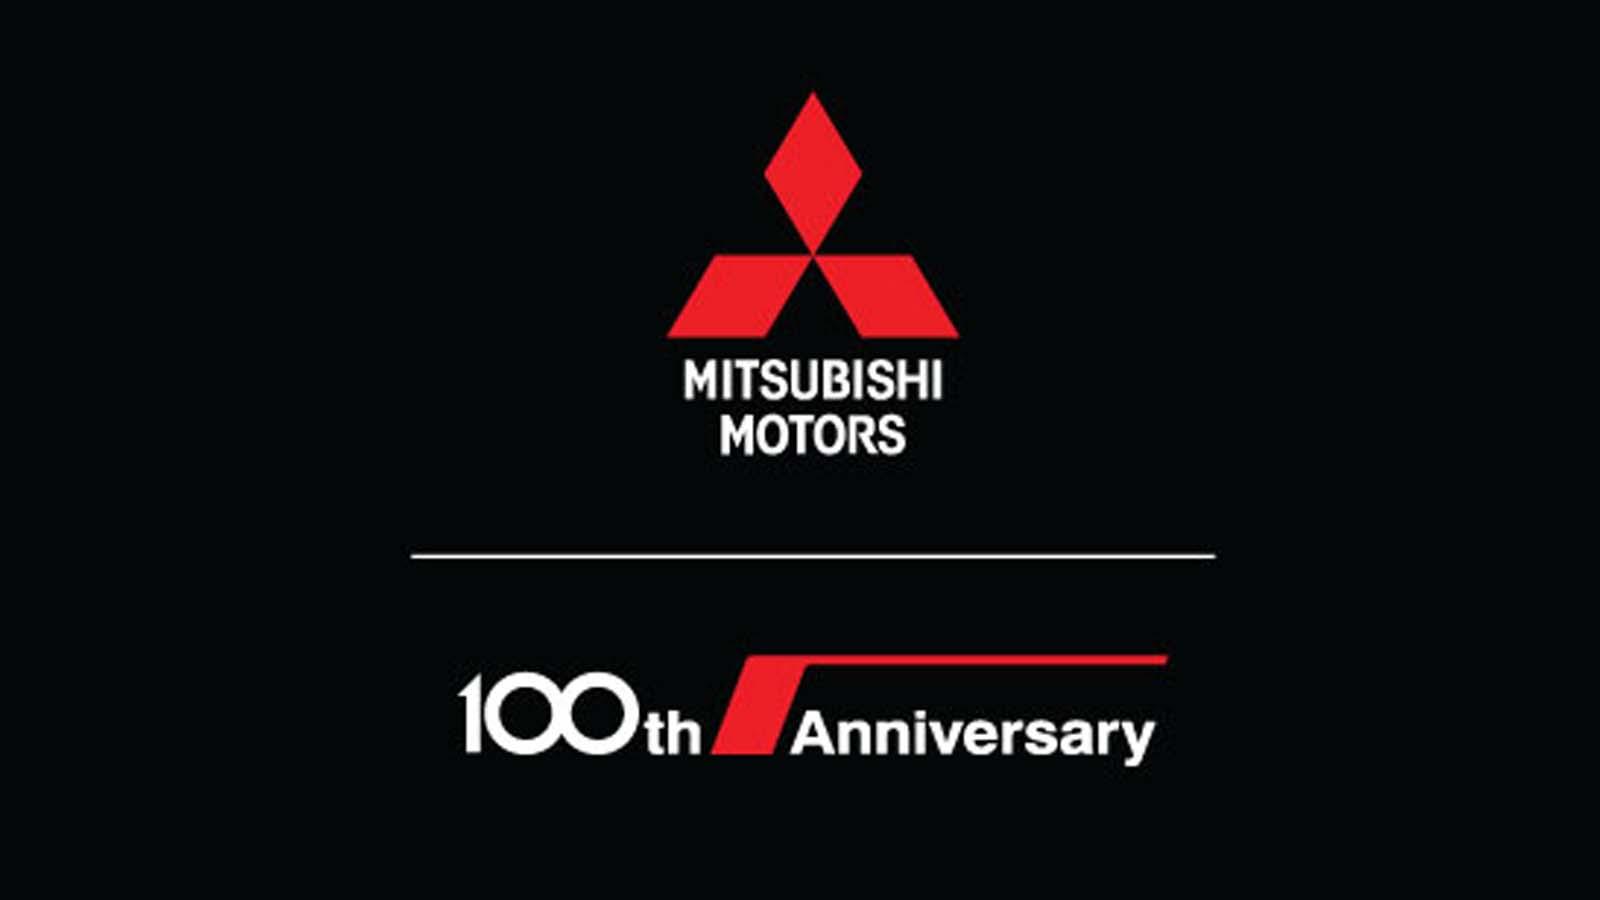 Happy 100th Anniversary Mitsubishi! | Peruzzi Mitsubishi Blog